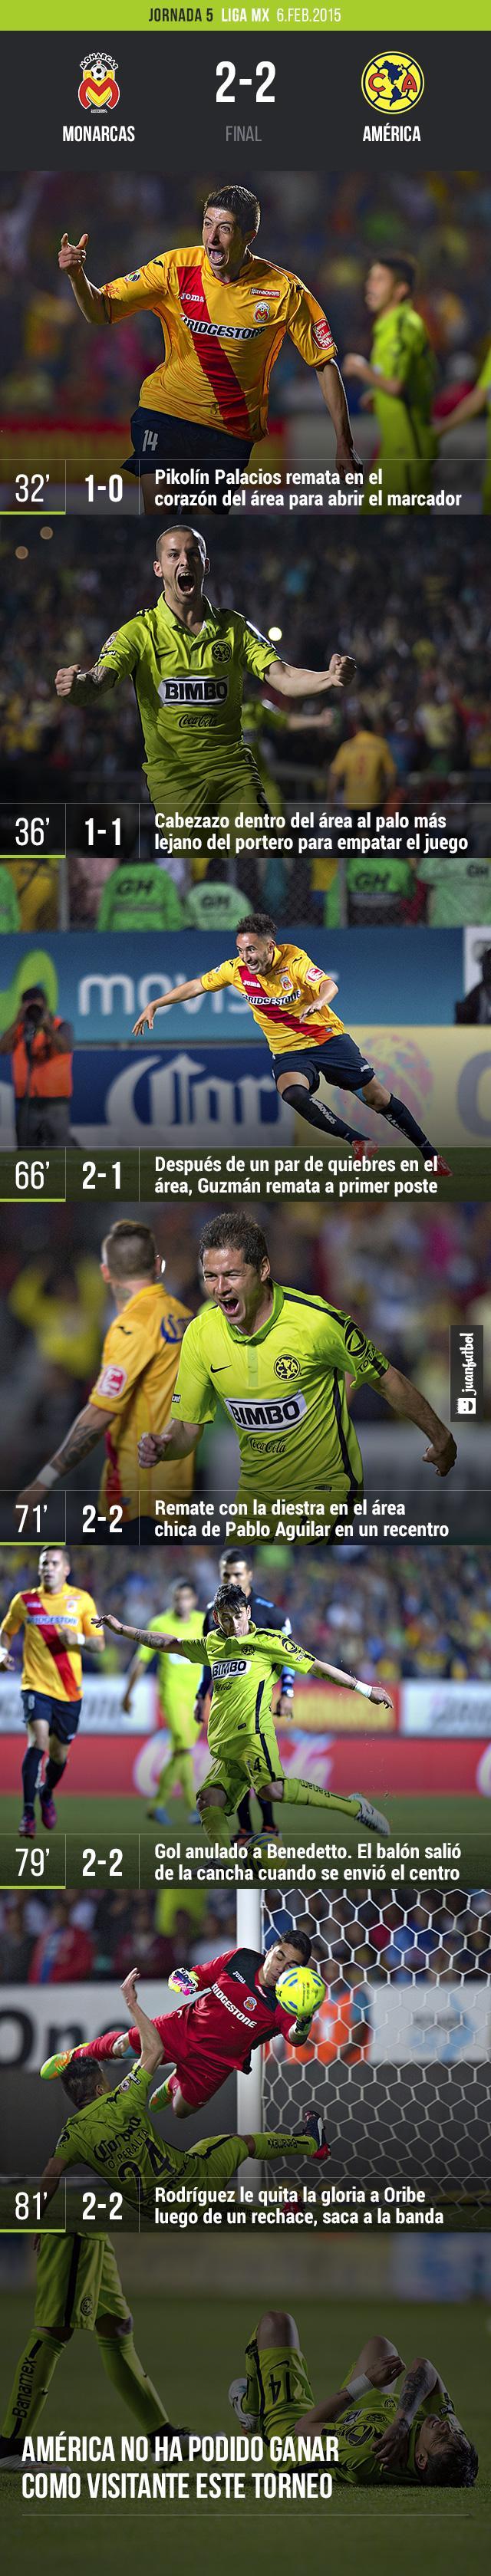 Monarcas Morelia empata 2-2 con el América